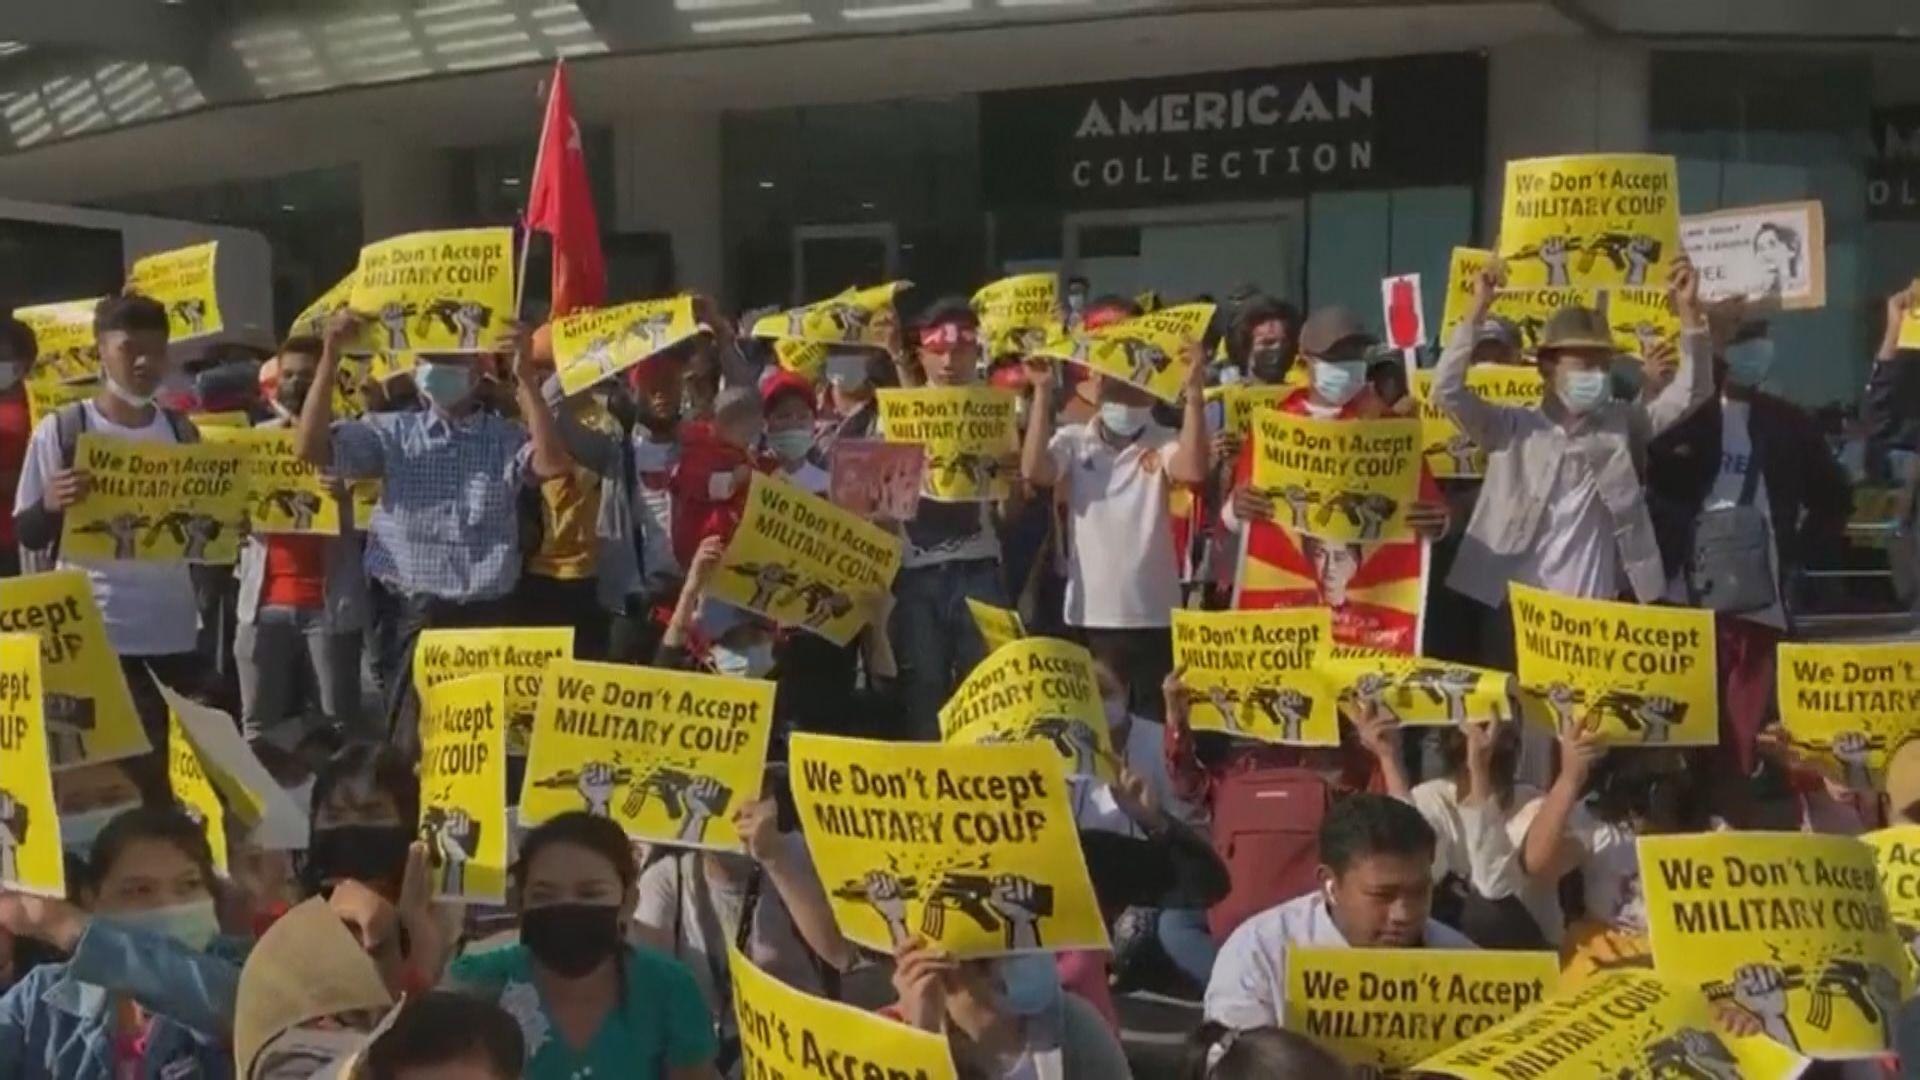 緬甸仰光再有示威抗議軍方發動政變